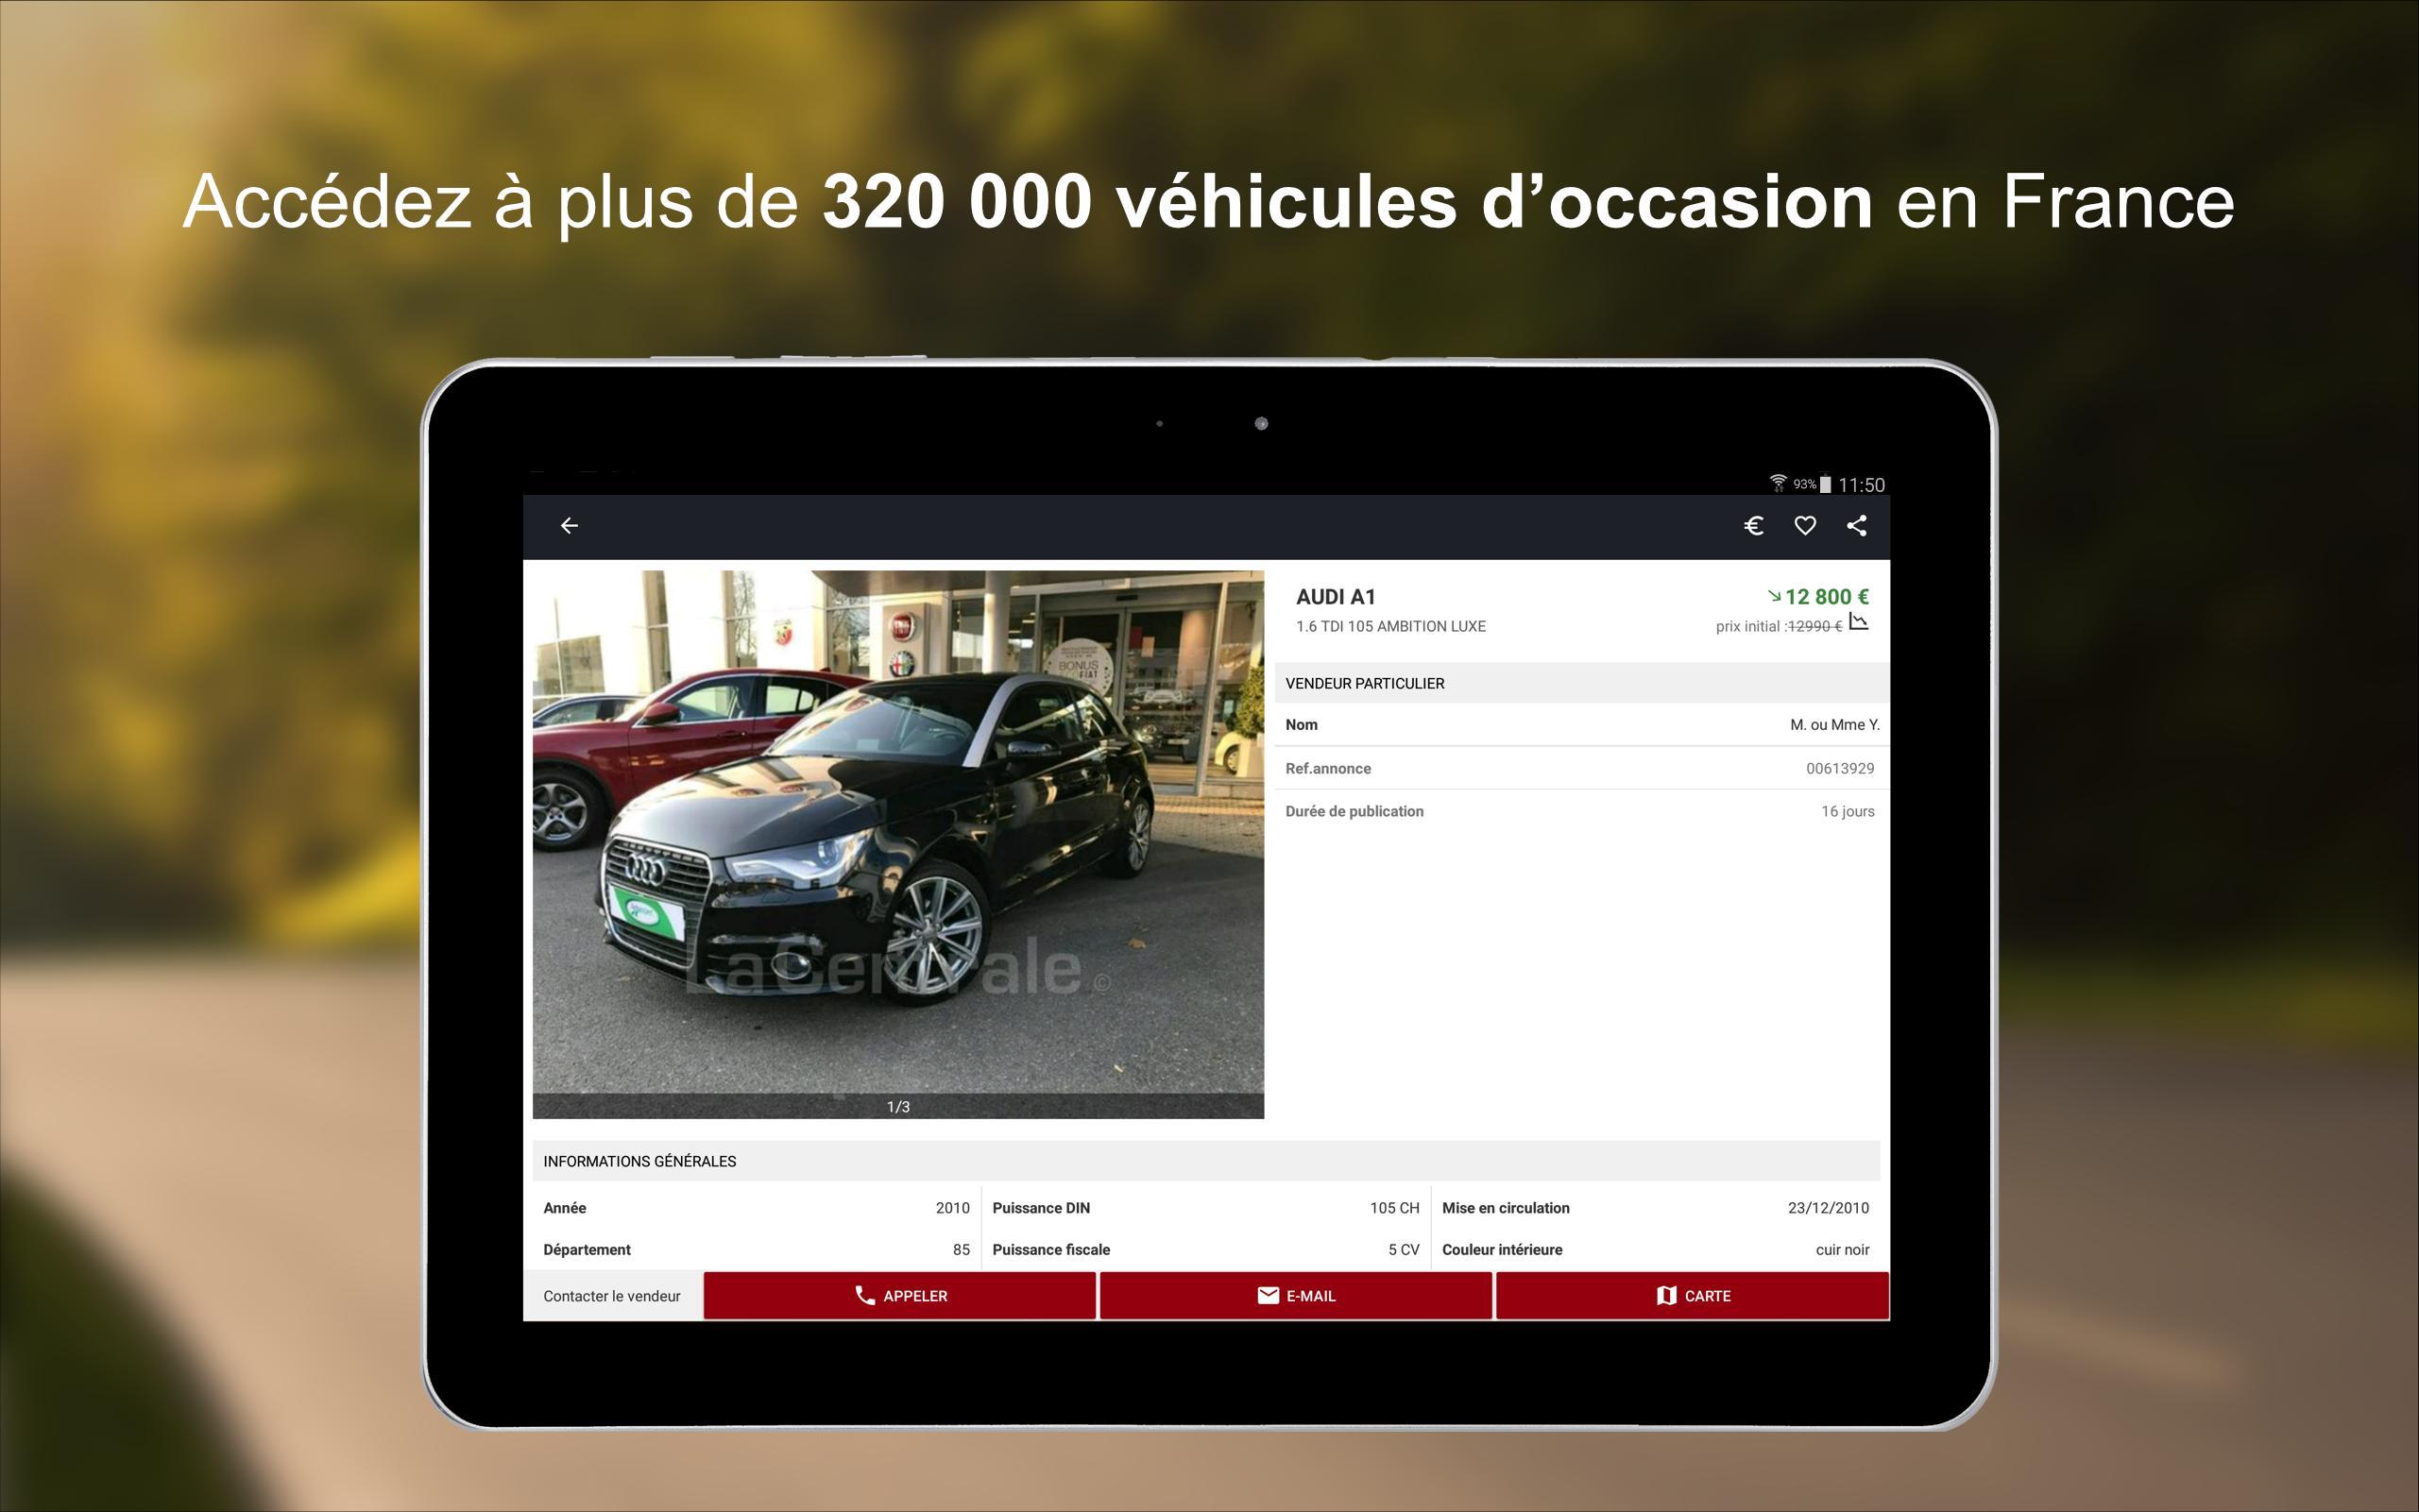 La Centrale Voiture Occasion Annonces Auto >> La Centrale For Android Apk Download